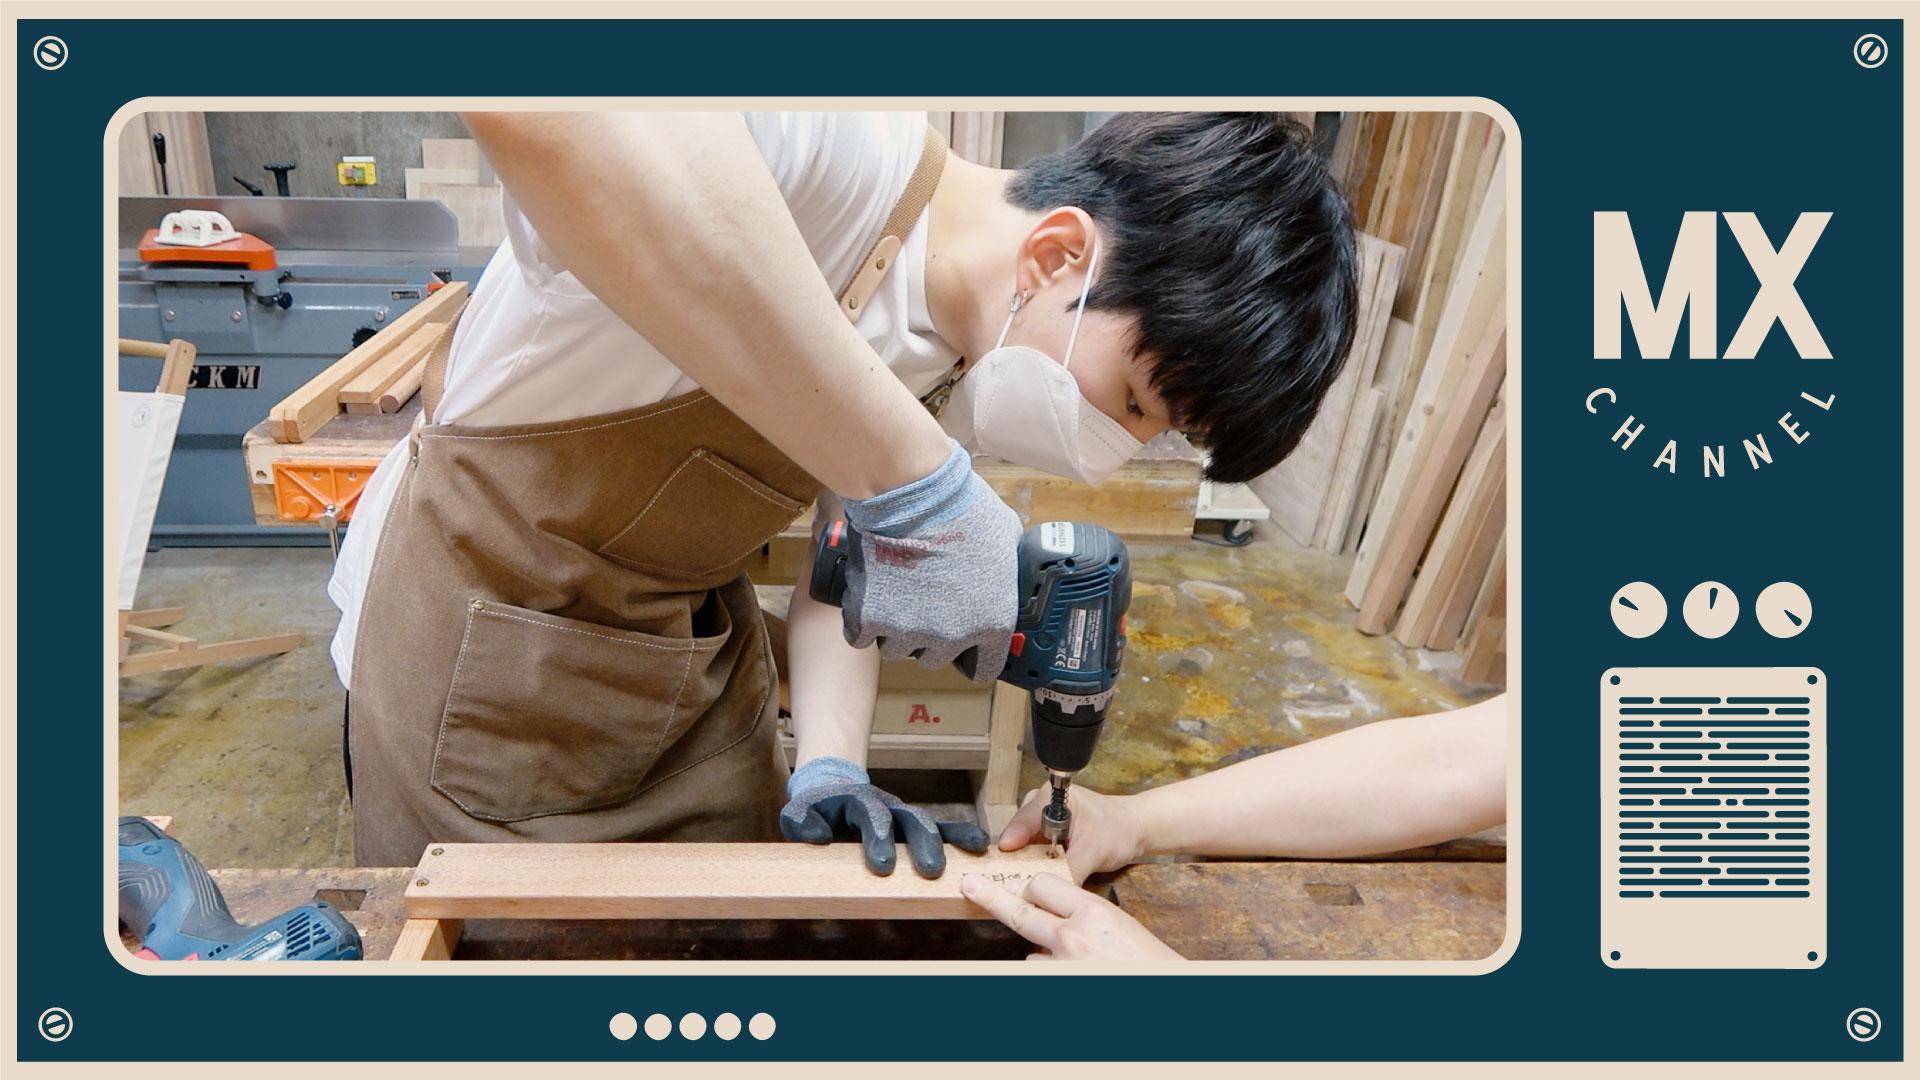 [몬채널][B] EP.245 KH VLOG : How to Build A Wooden Chair